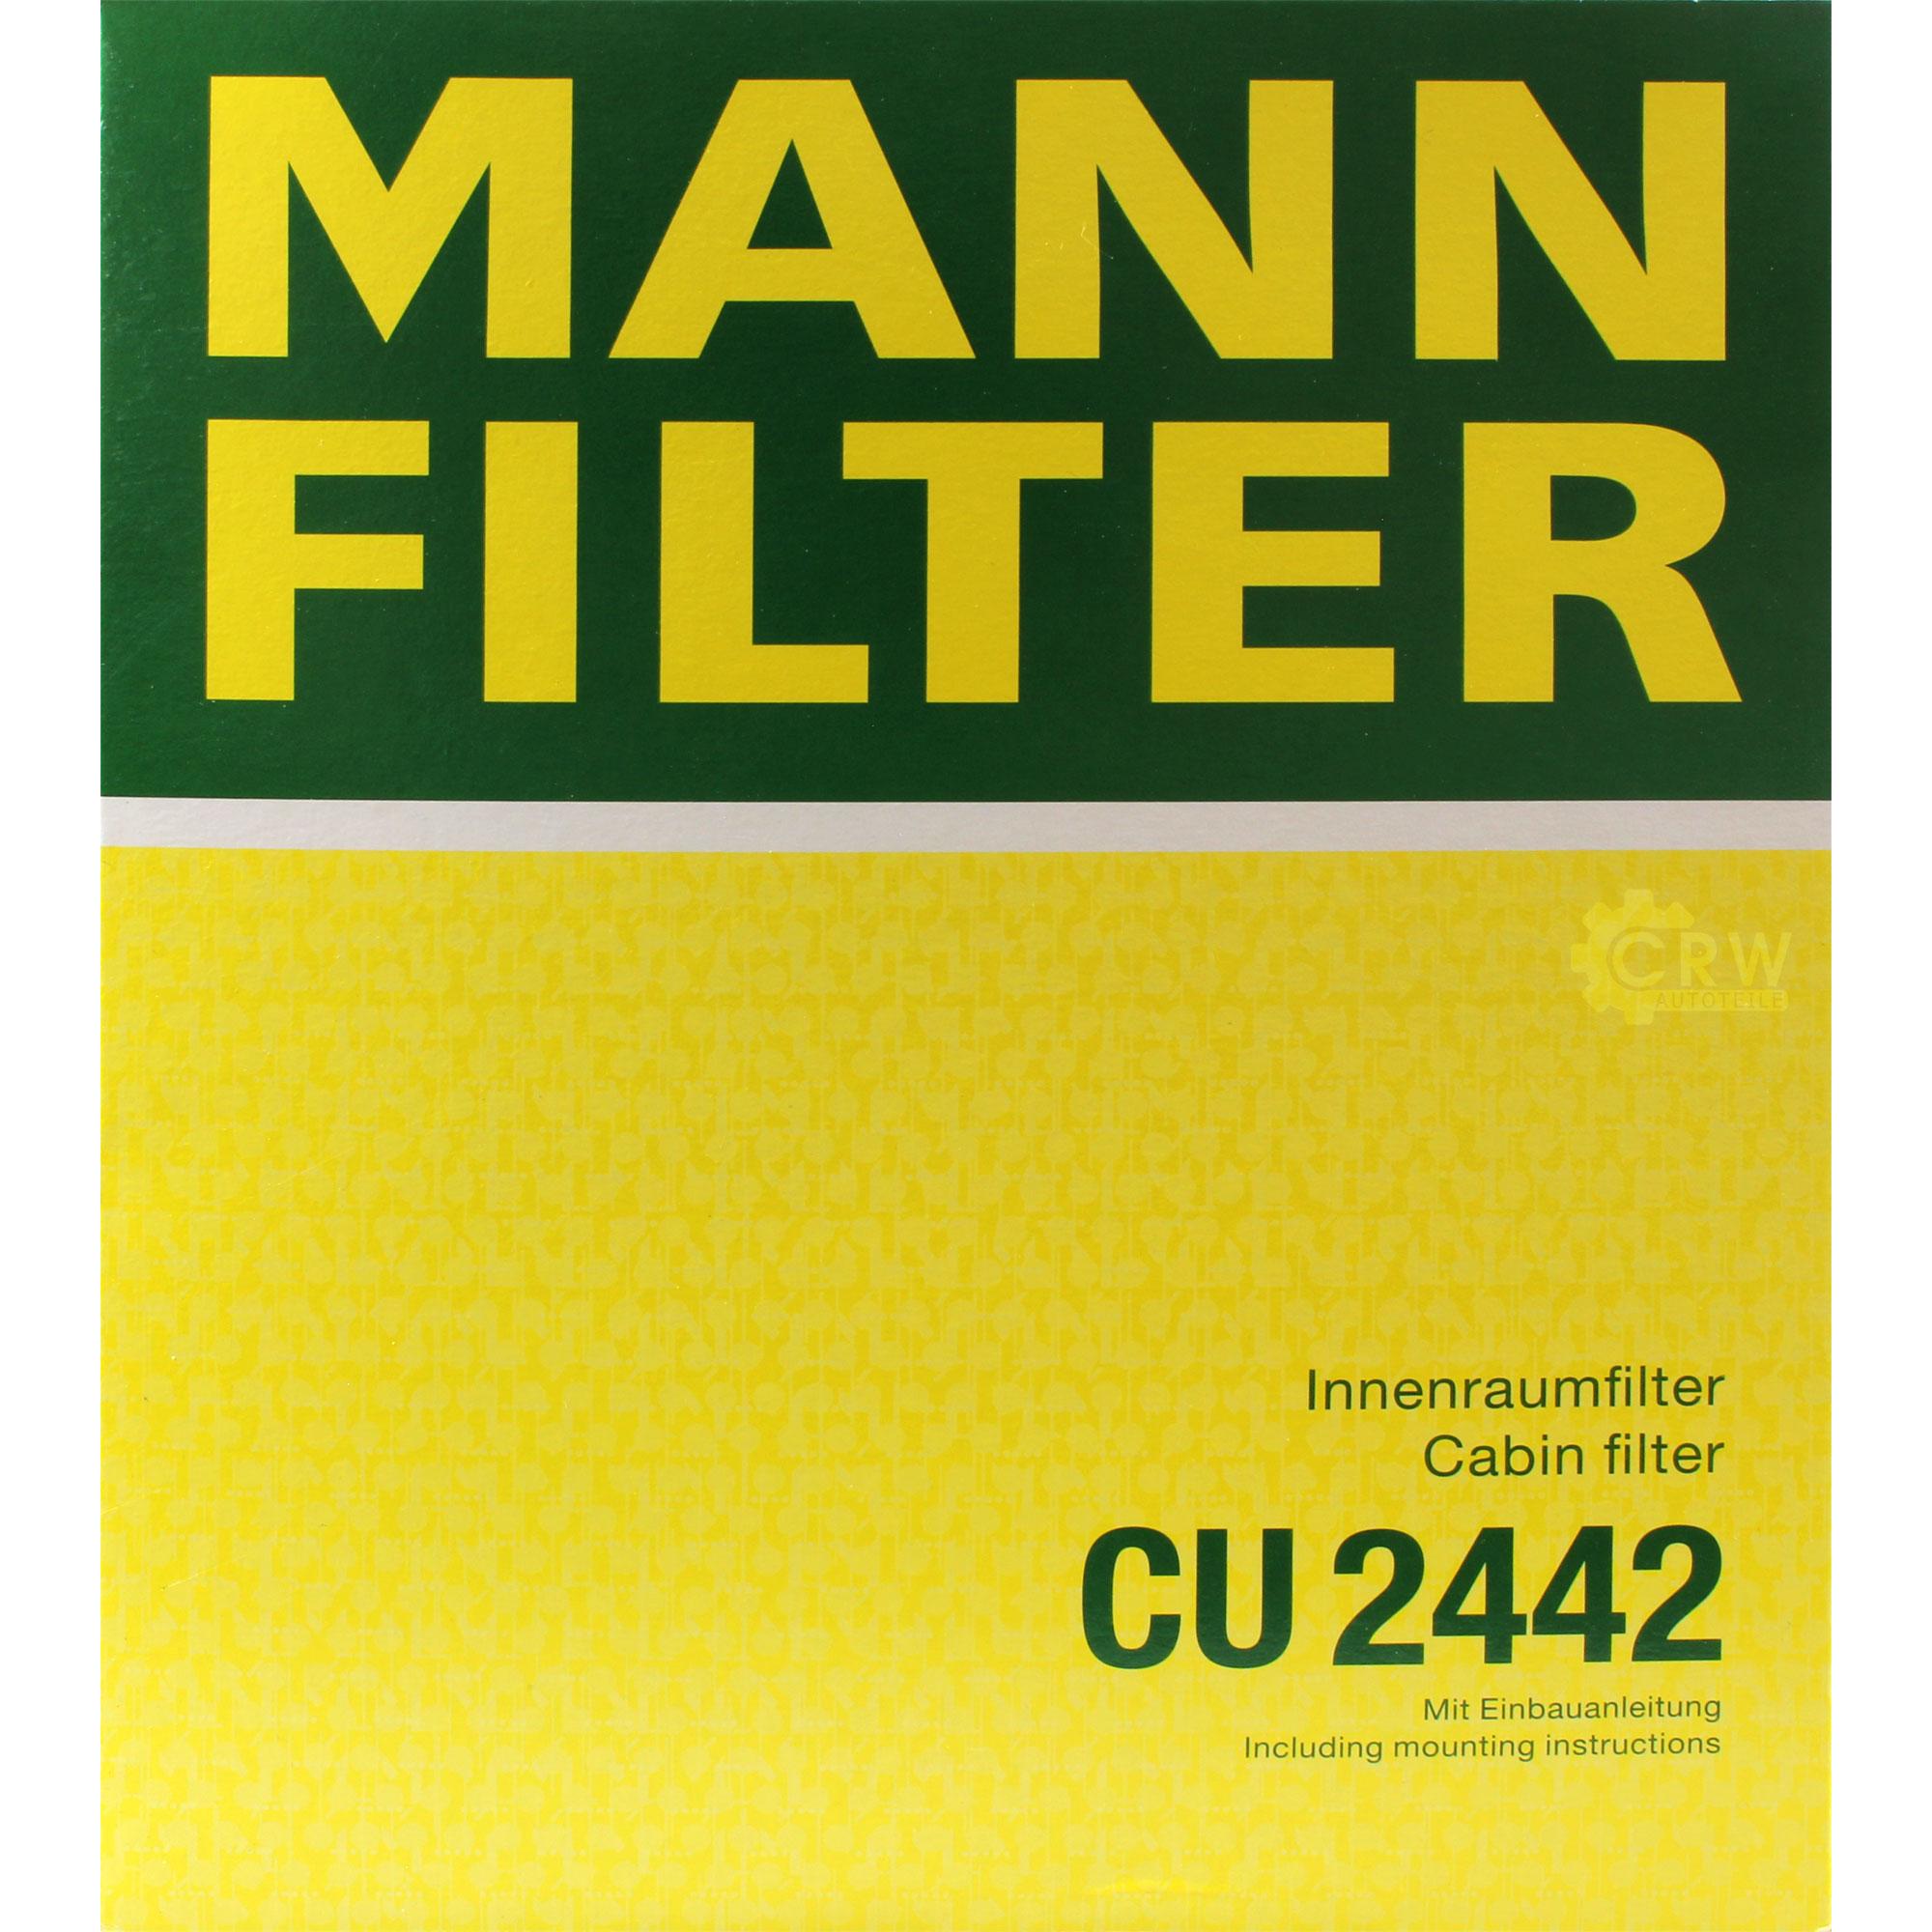 MANNOL-5L-Energy-Premium-5W-30-MANN-FILTER-Filterpaket-Opel-Astra-J-W13-2-0-CDTi Indexbild 12